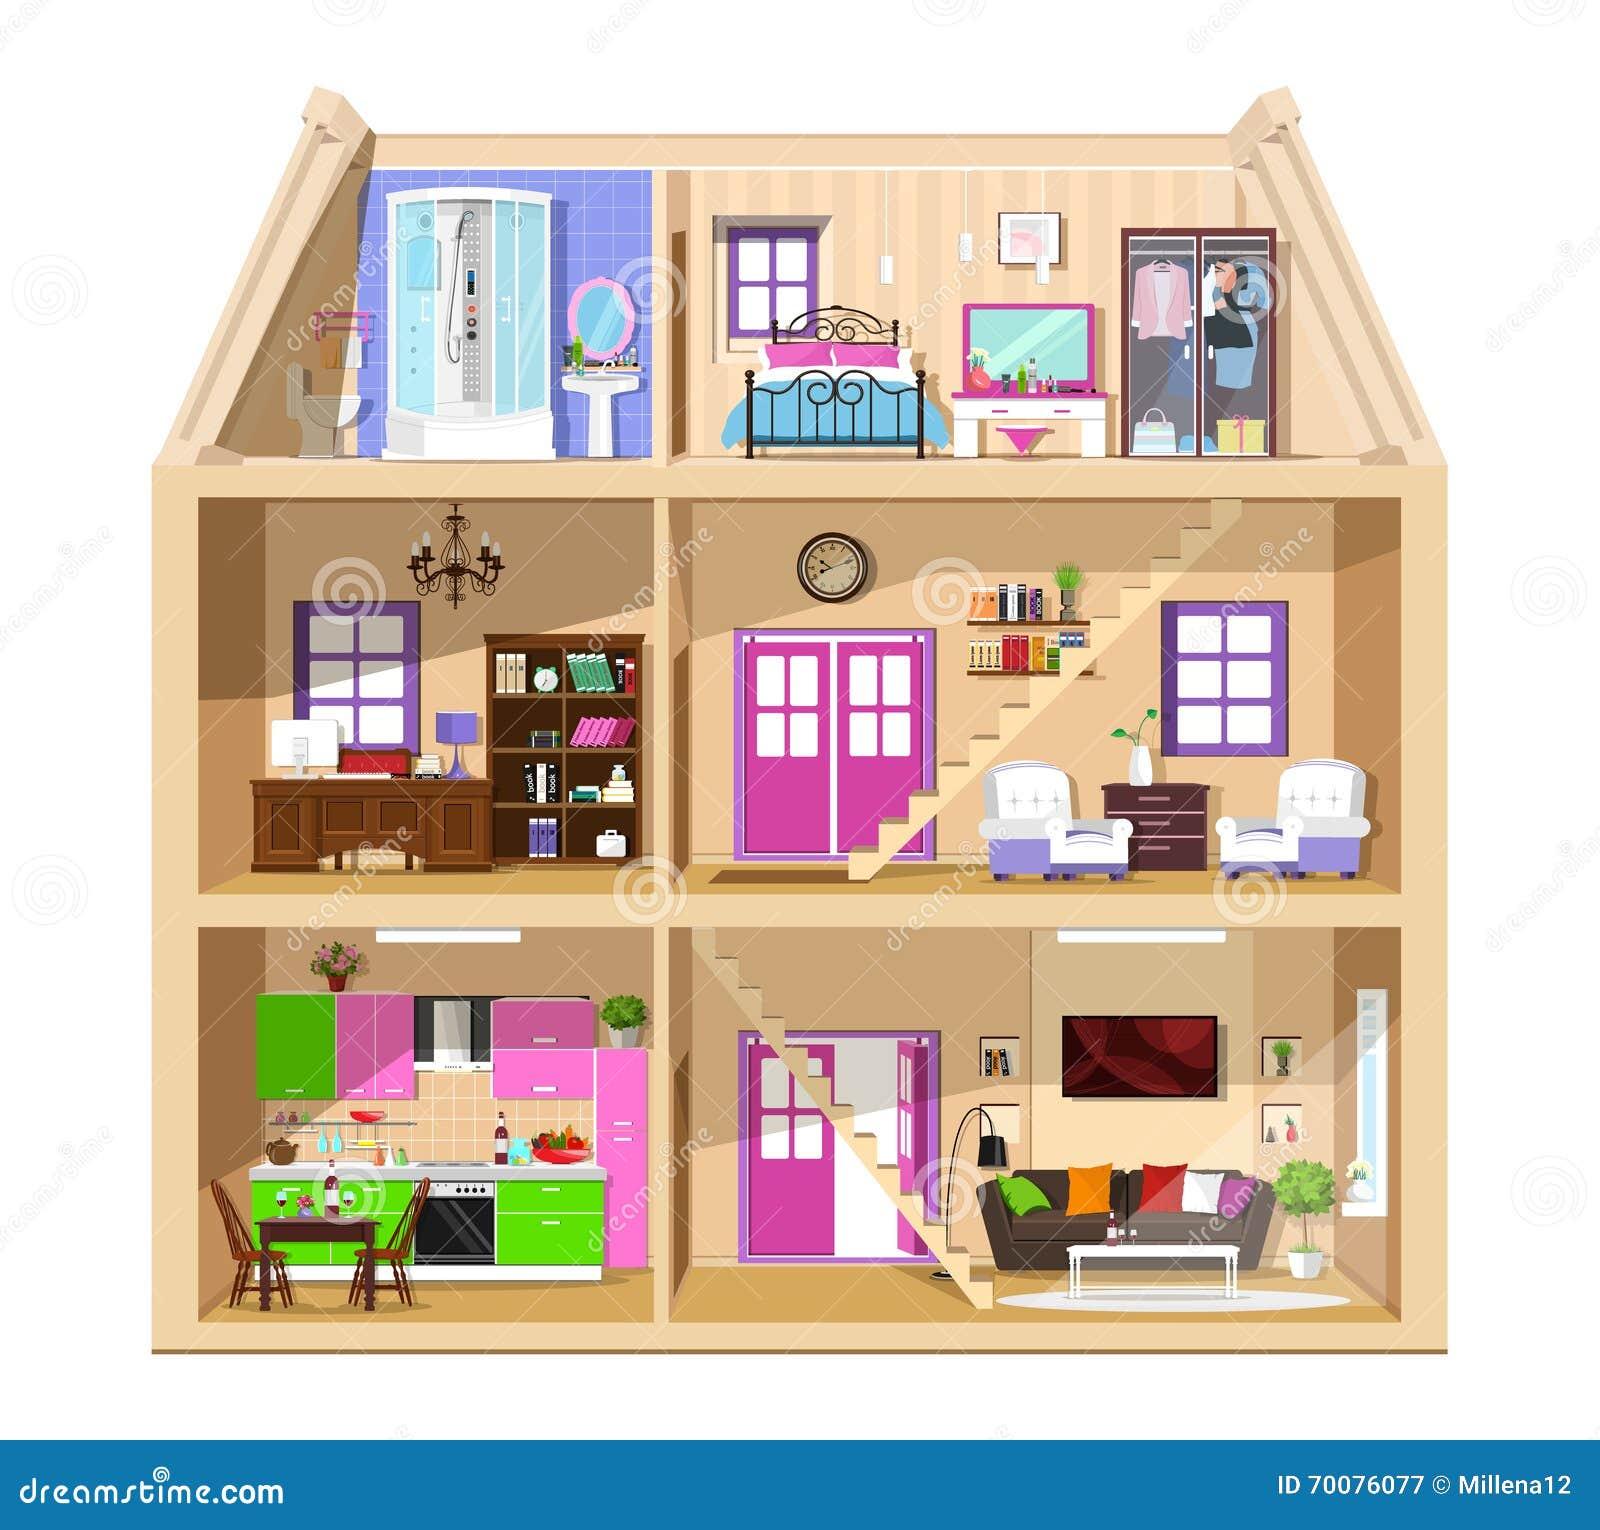 Casa Bonito Grfica Moderna No Corte Interior Colorido Detalhado Da Do Vetor Salas Moda